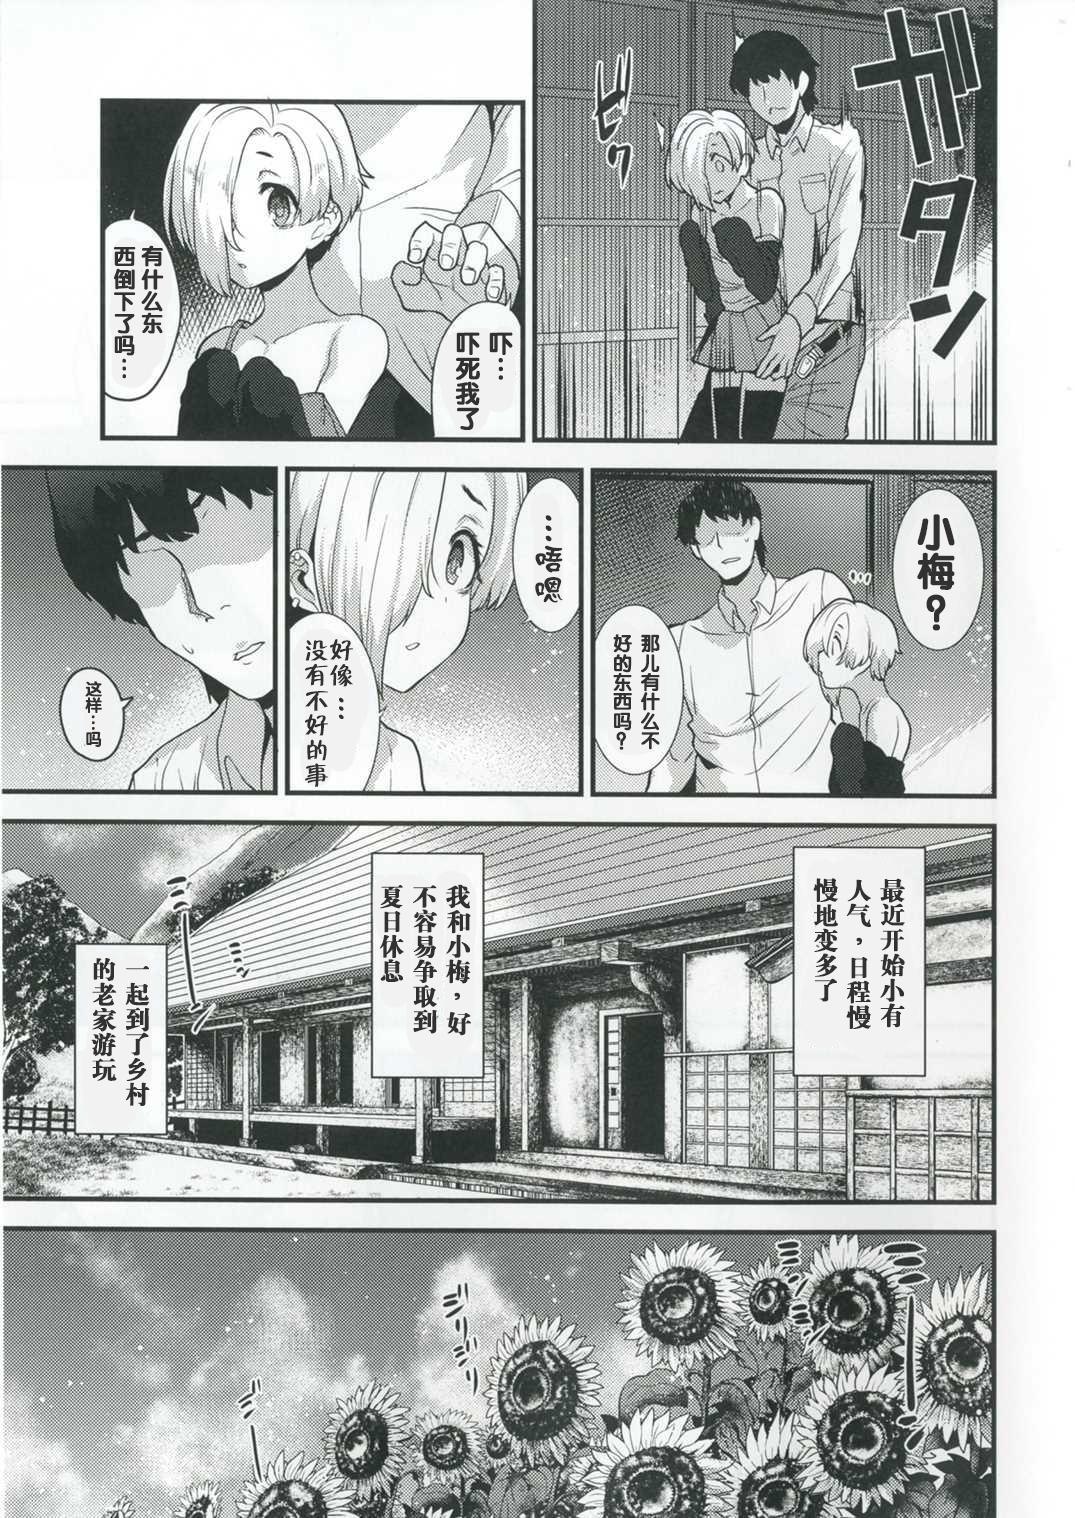 Ano Hi Mita Koume no Hadaka wa Daremo Shiranai 5